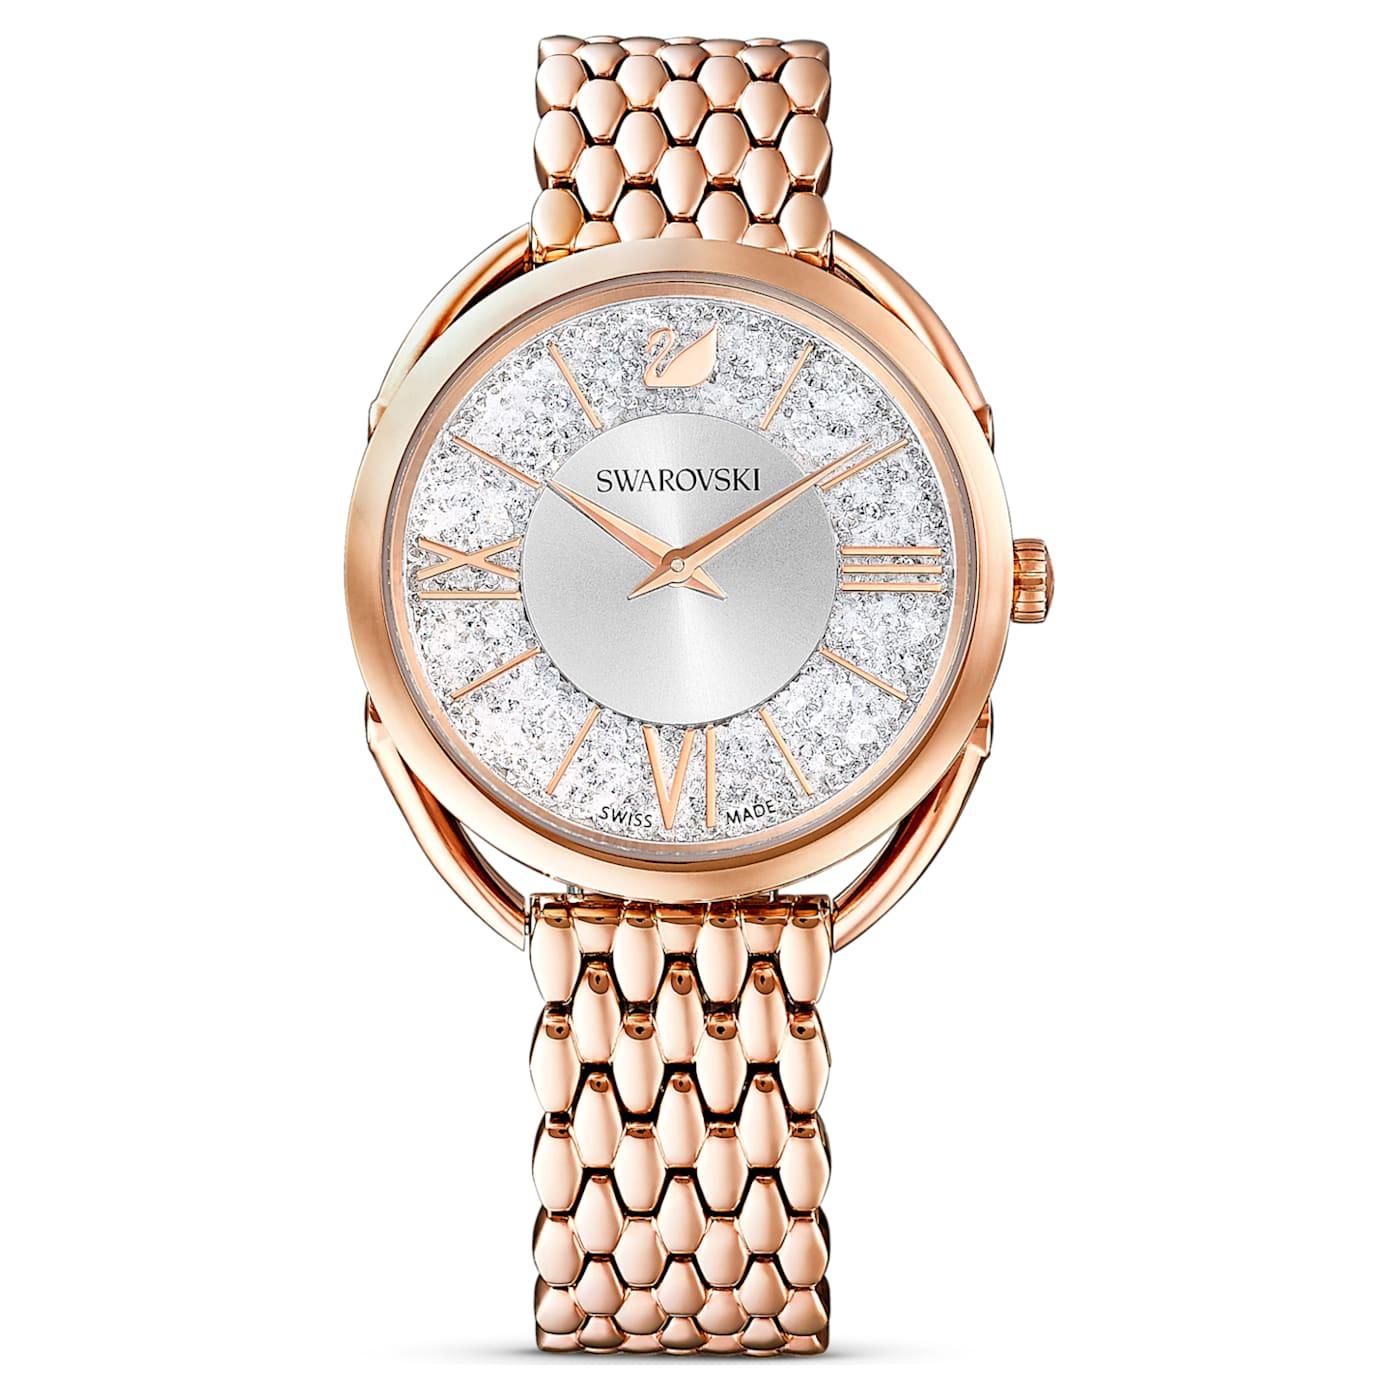 Montre Crystalline Glam Bracelet en métal, Ton or rose, PVD doré rose, Swarovski